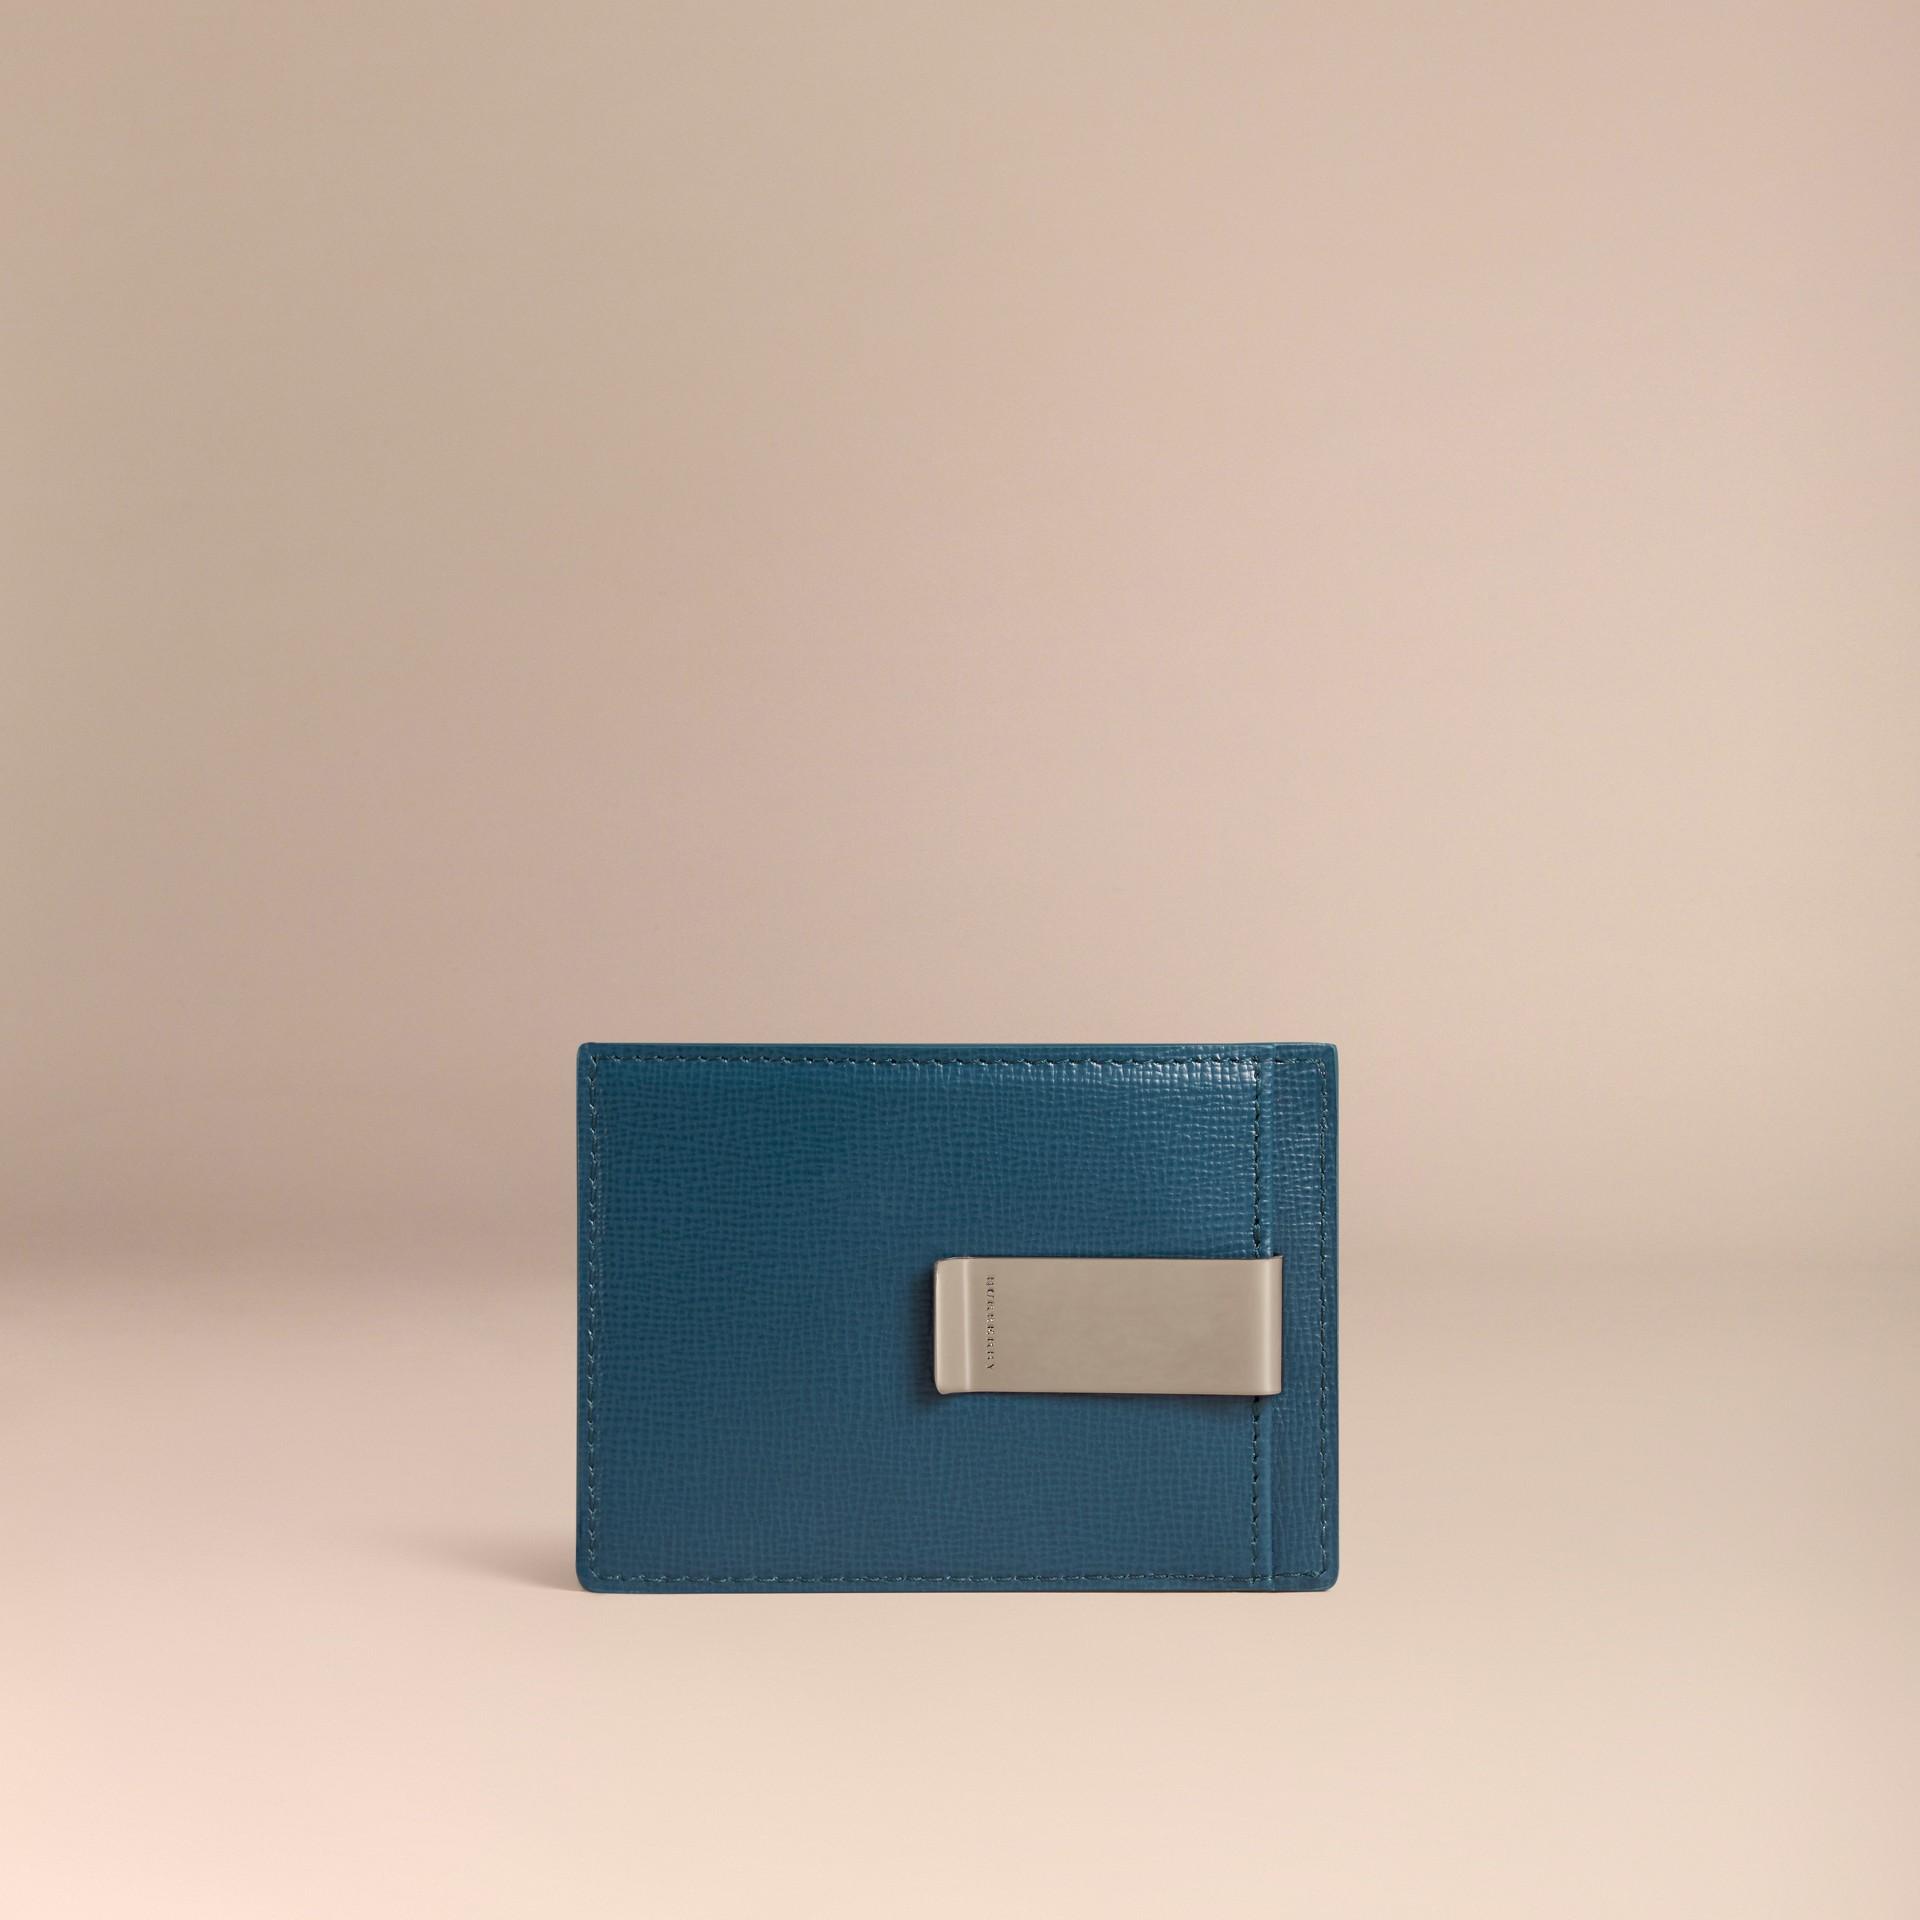 Porte-cartes en cuir London avec pince à billets (Bleu Minéral) - Homme | Burberry - photo de la galerie 2